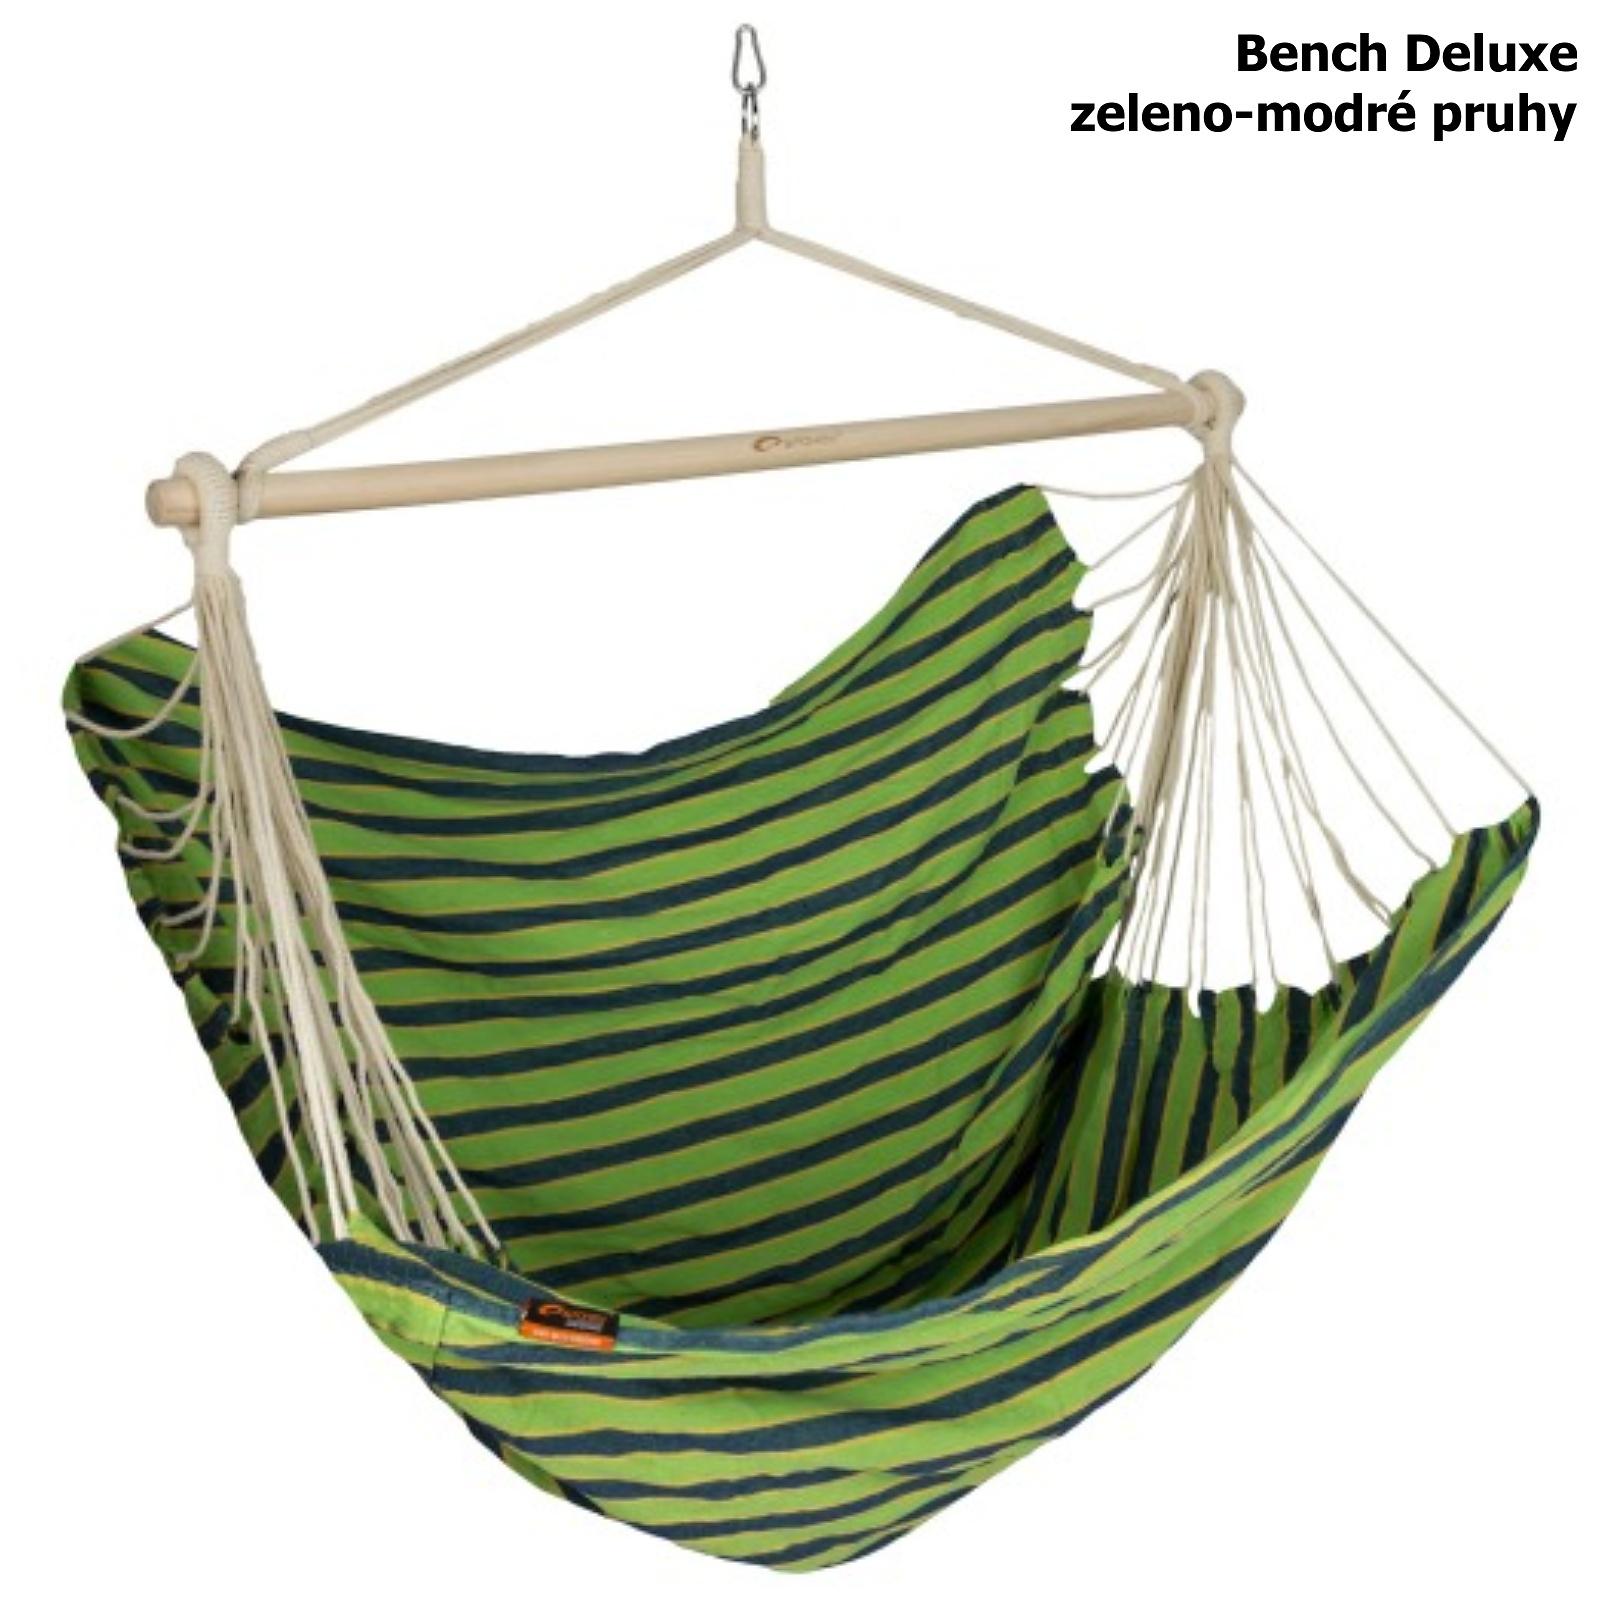 Houpací sedačka SPOKEY Bench Deluxe zeleno-modré pruhy